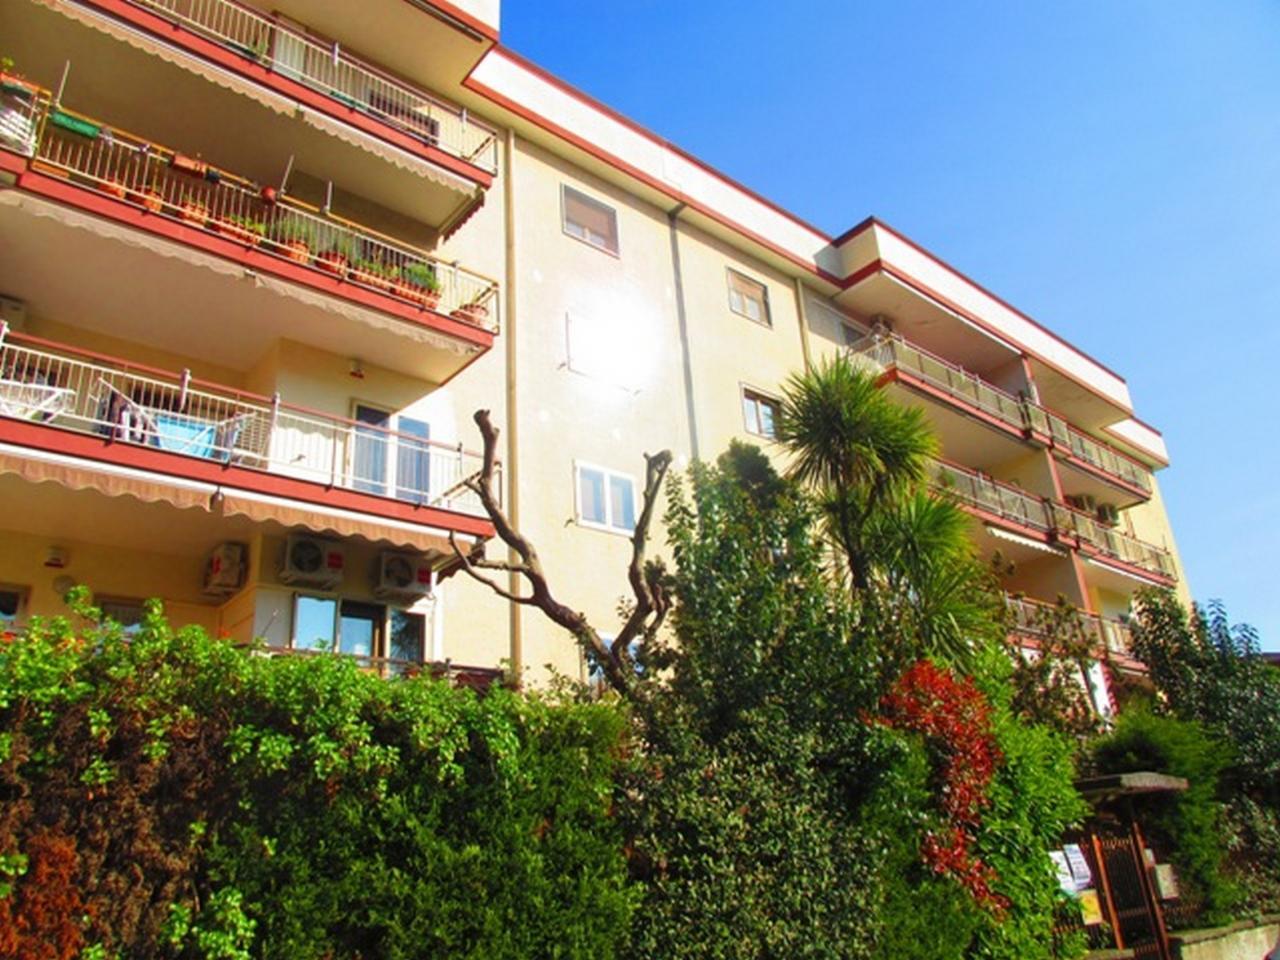 Appartamento in vendita a Maddaloni, 3 locali, prezzo € 120.000 | CambioCasa.it